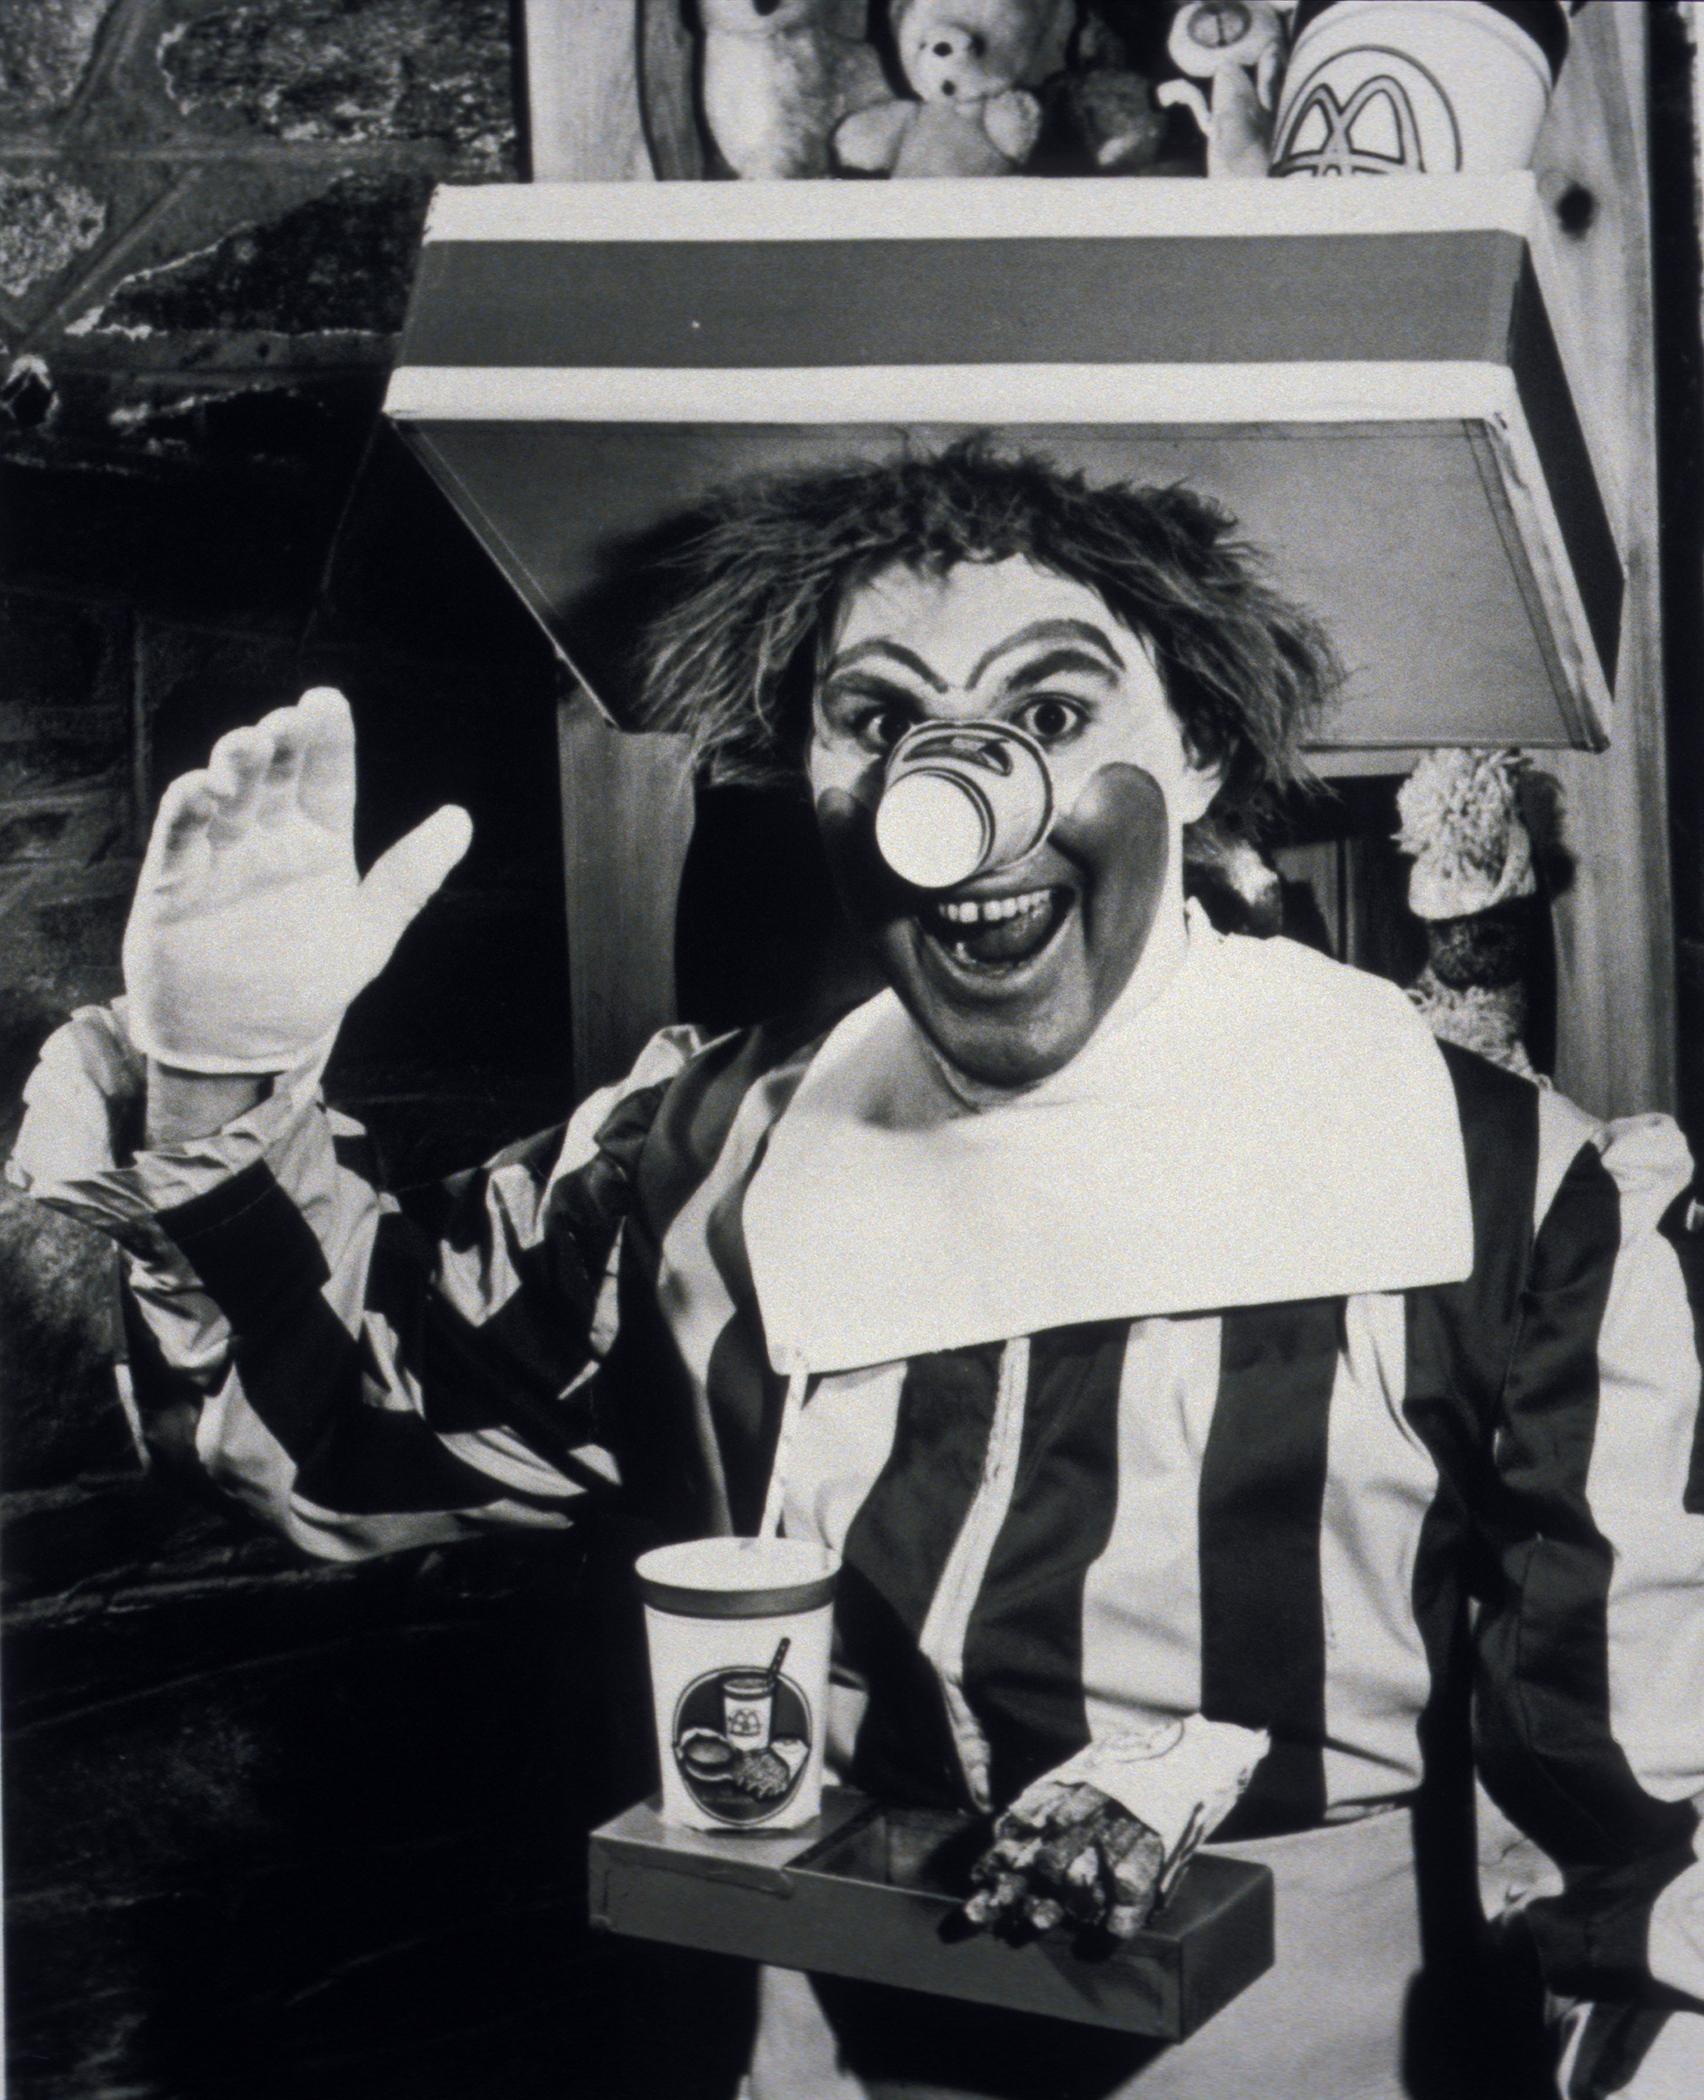 Ronald McDonald fa la sua piima apparizione 1963